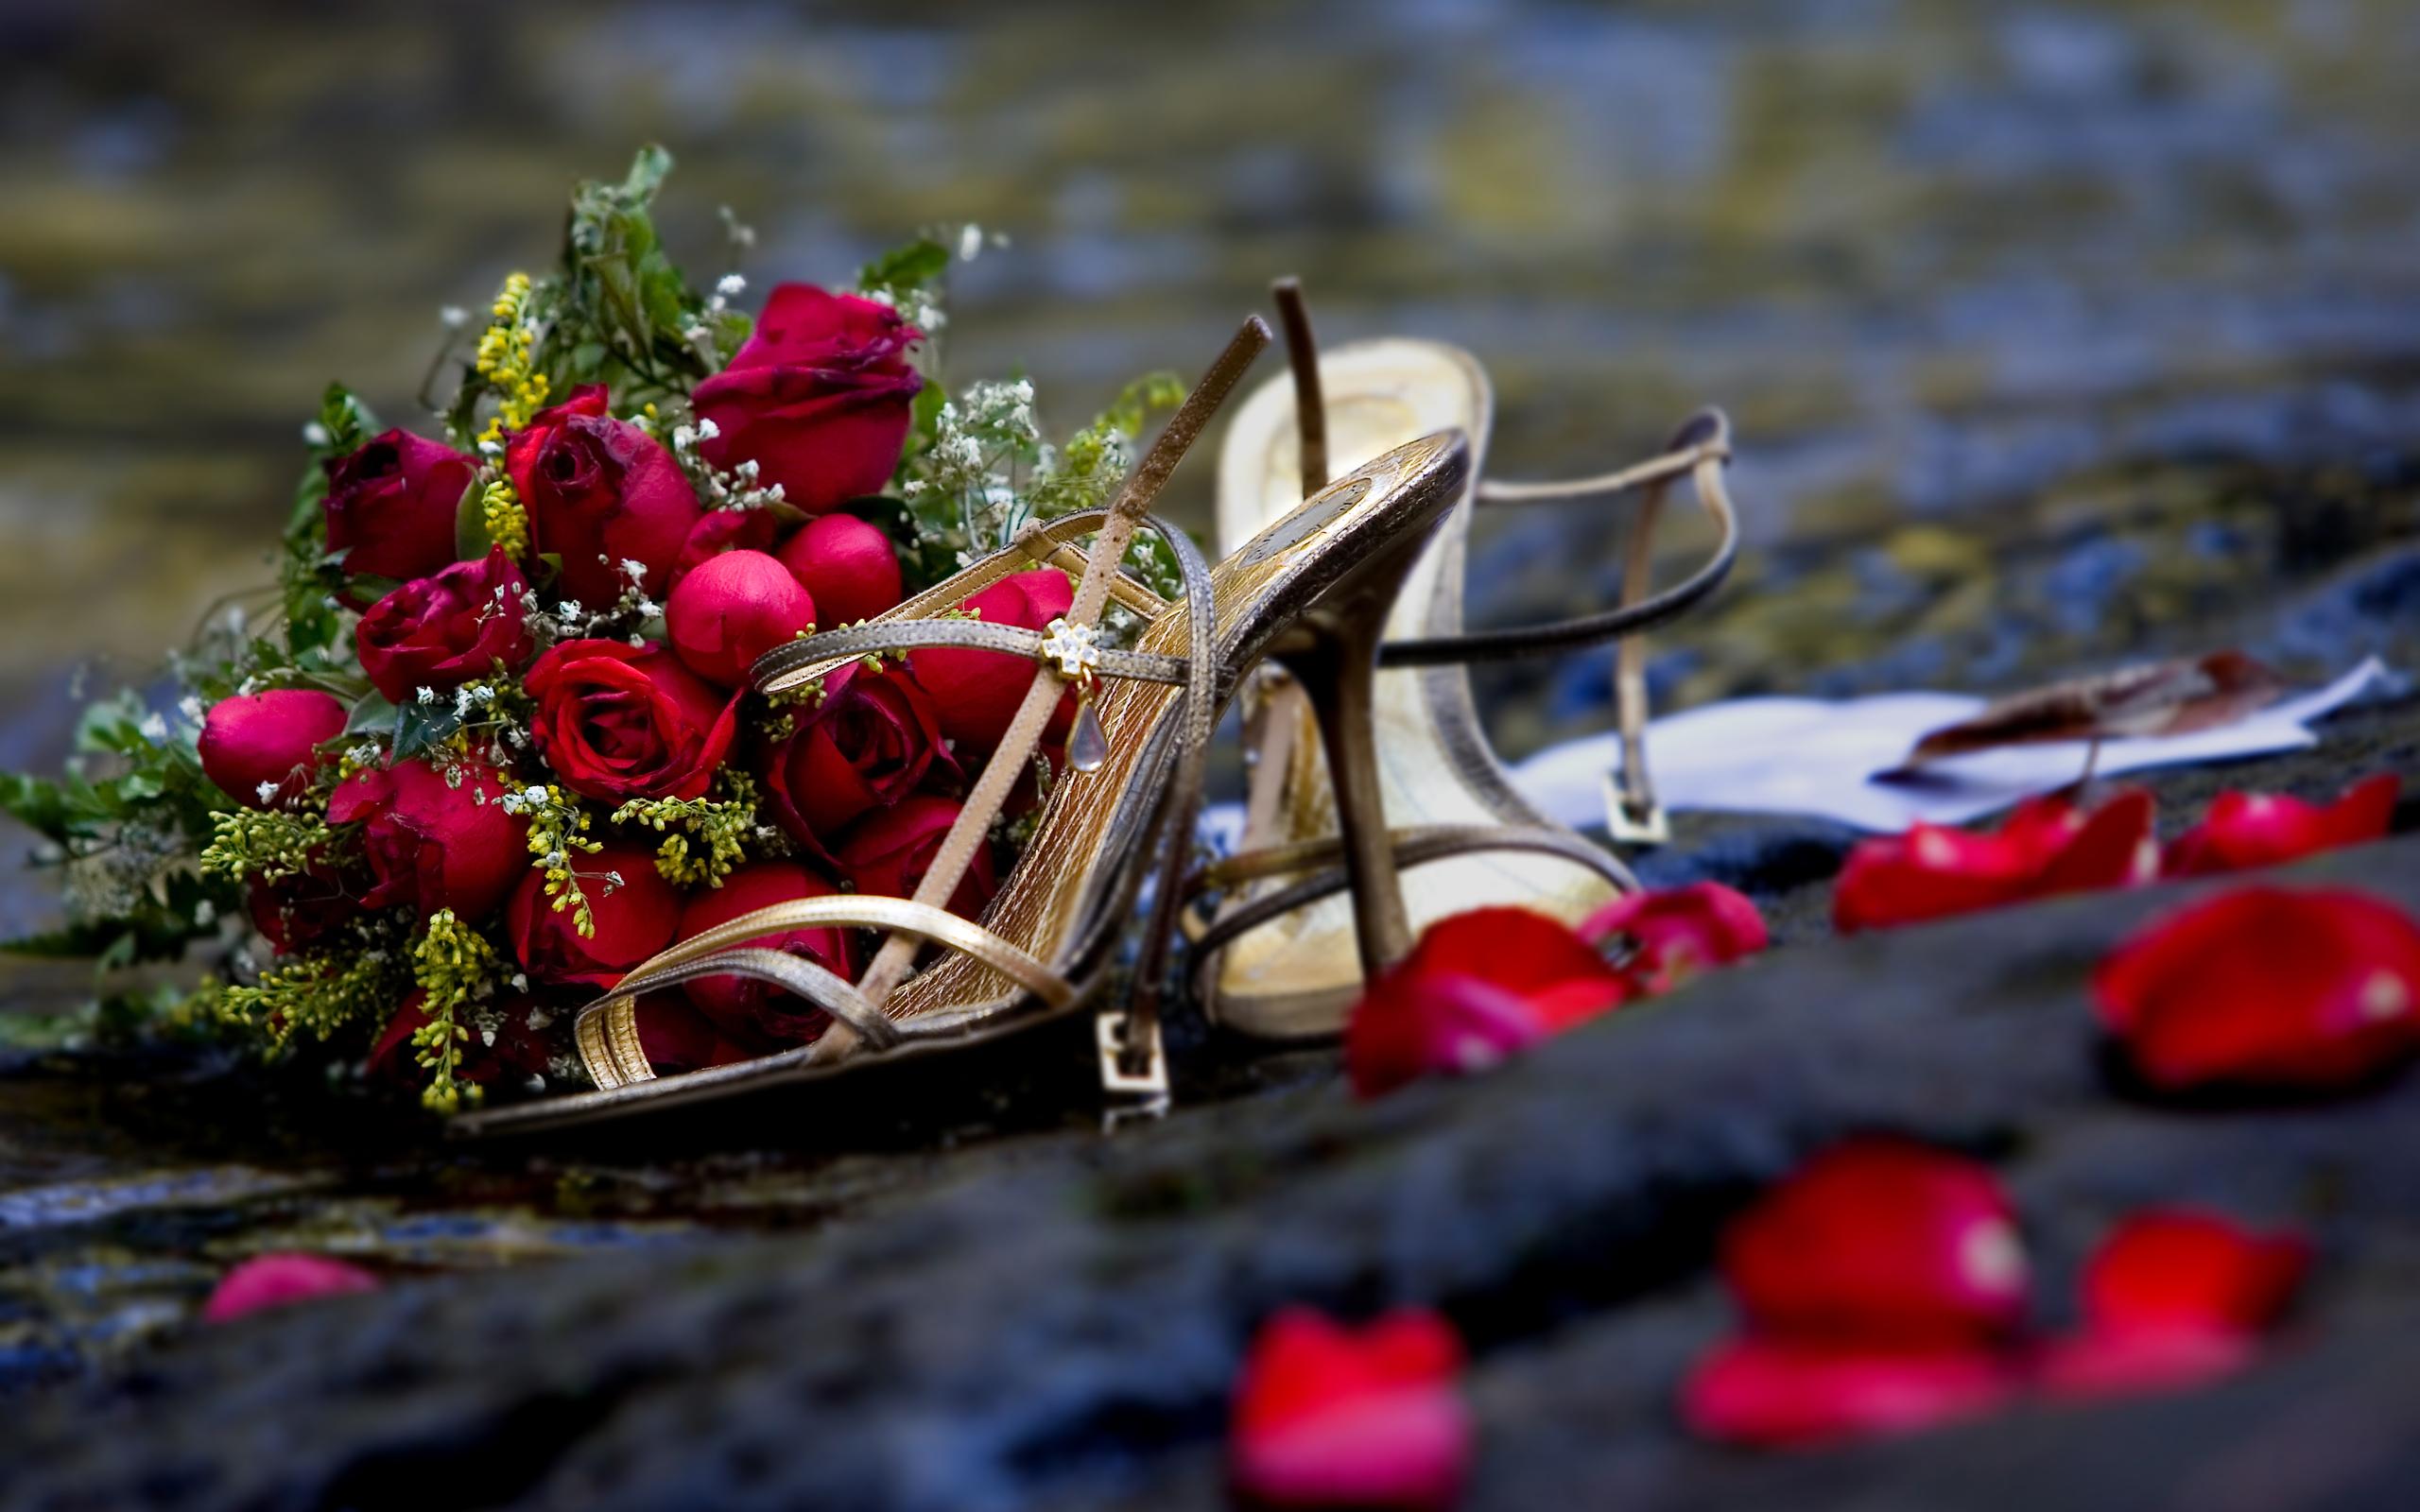 Фото Женские туфли рядом с букетом алых роз